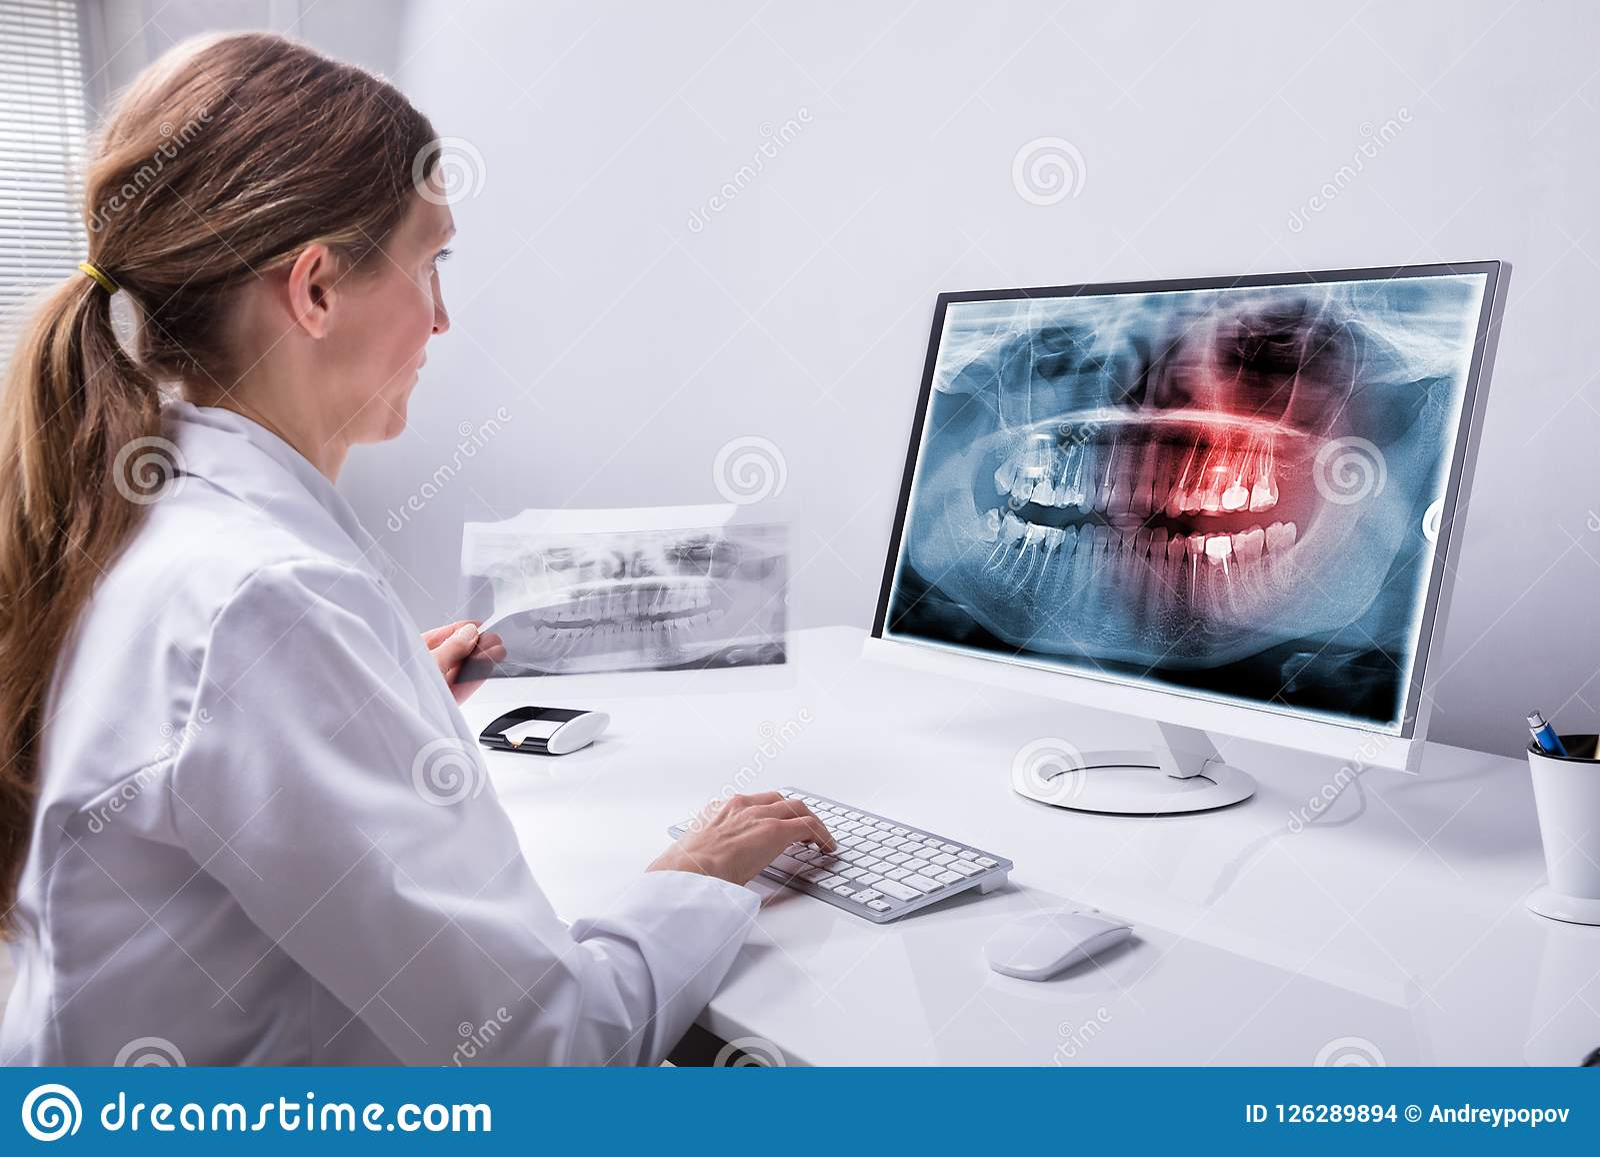 Radiografía de Looking At Teeth del dentista en el ordenador